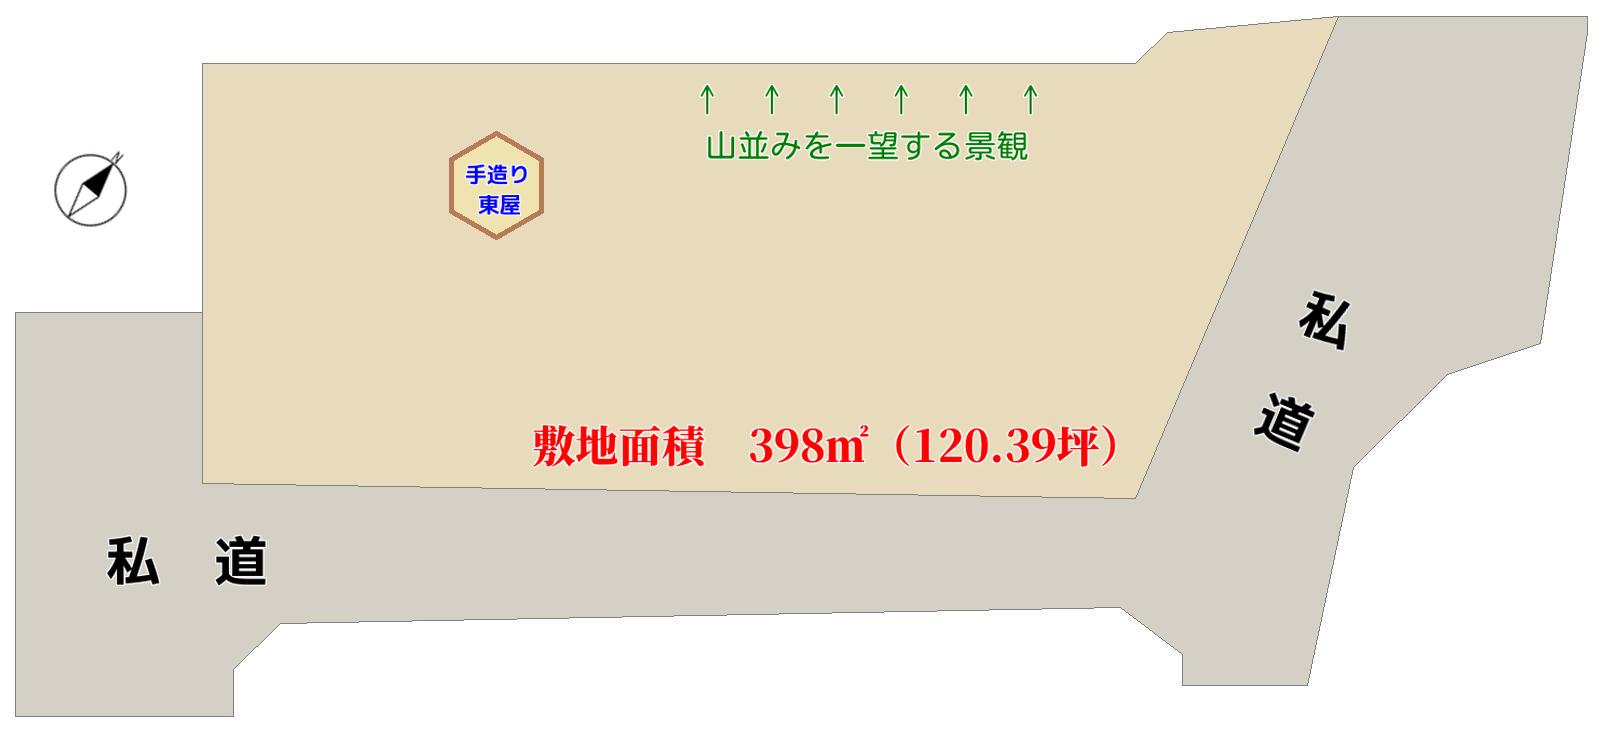 千葉県館山市岡田の売地概略図